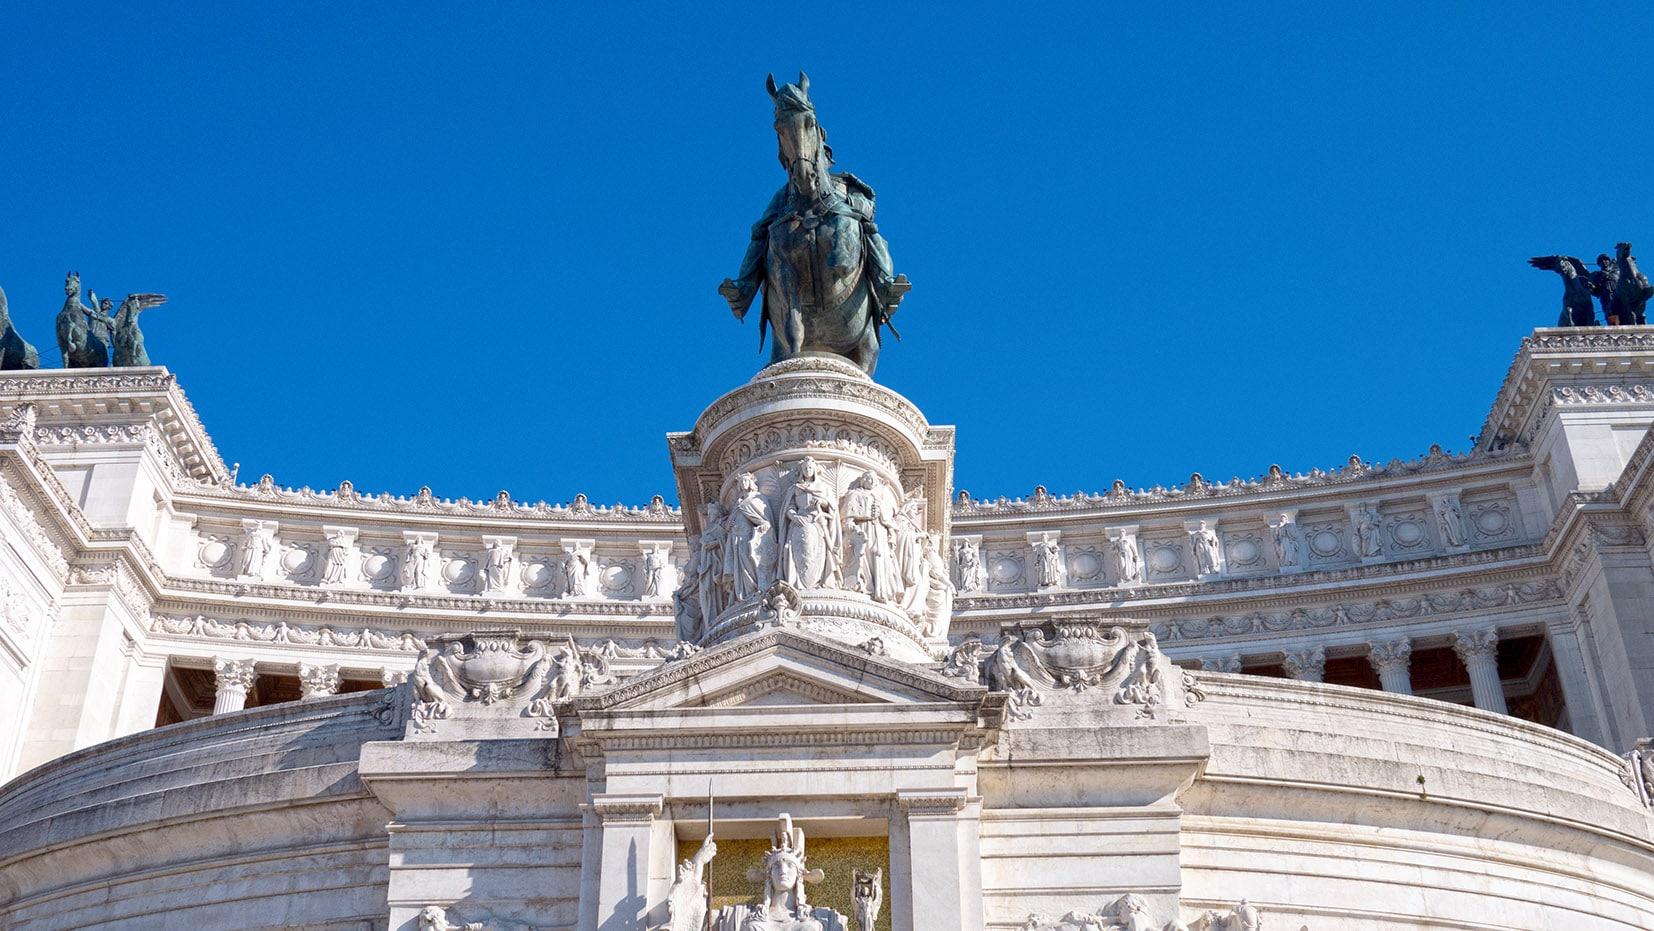 Italie Monument Emmanuel II blanc ciel bleu rome en 3 jours